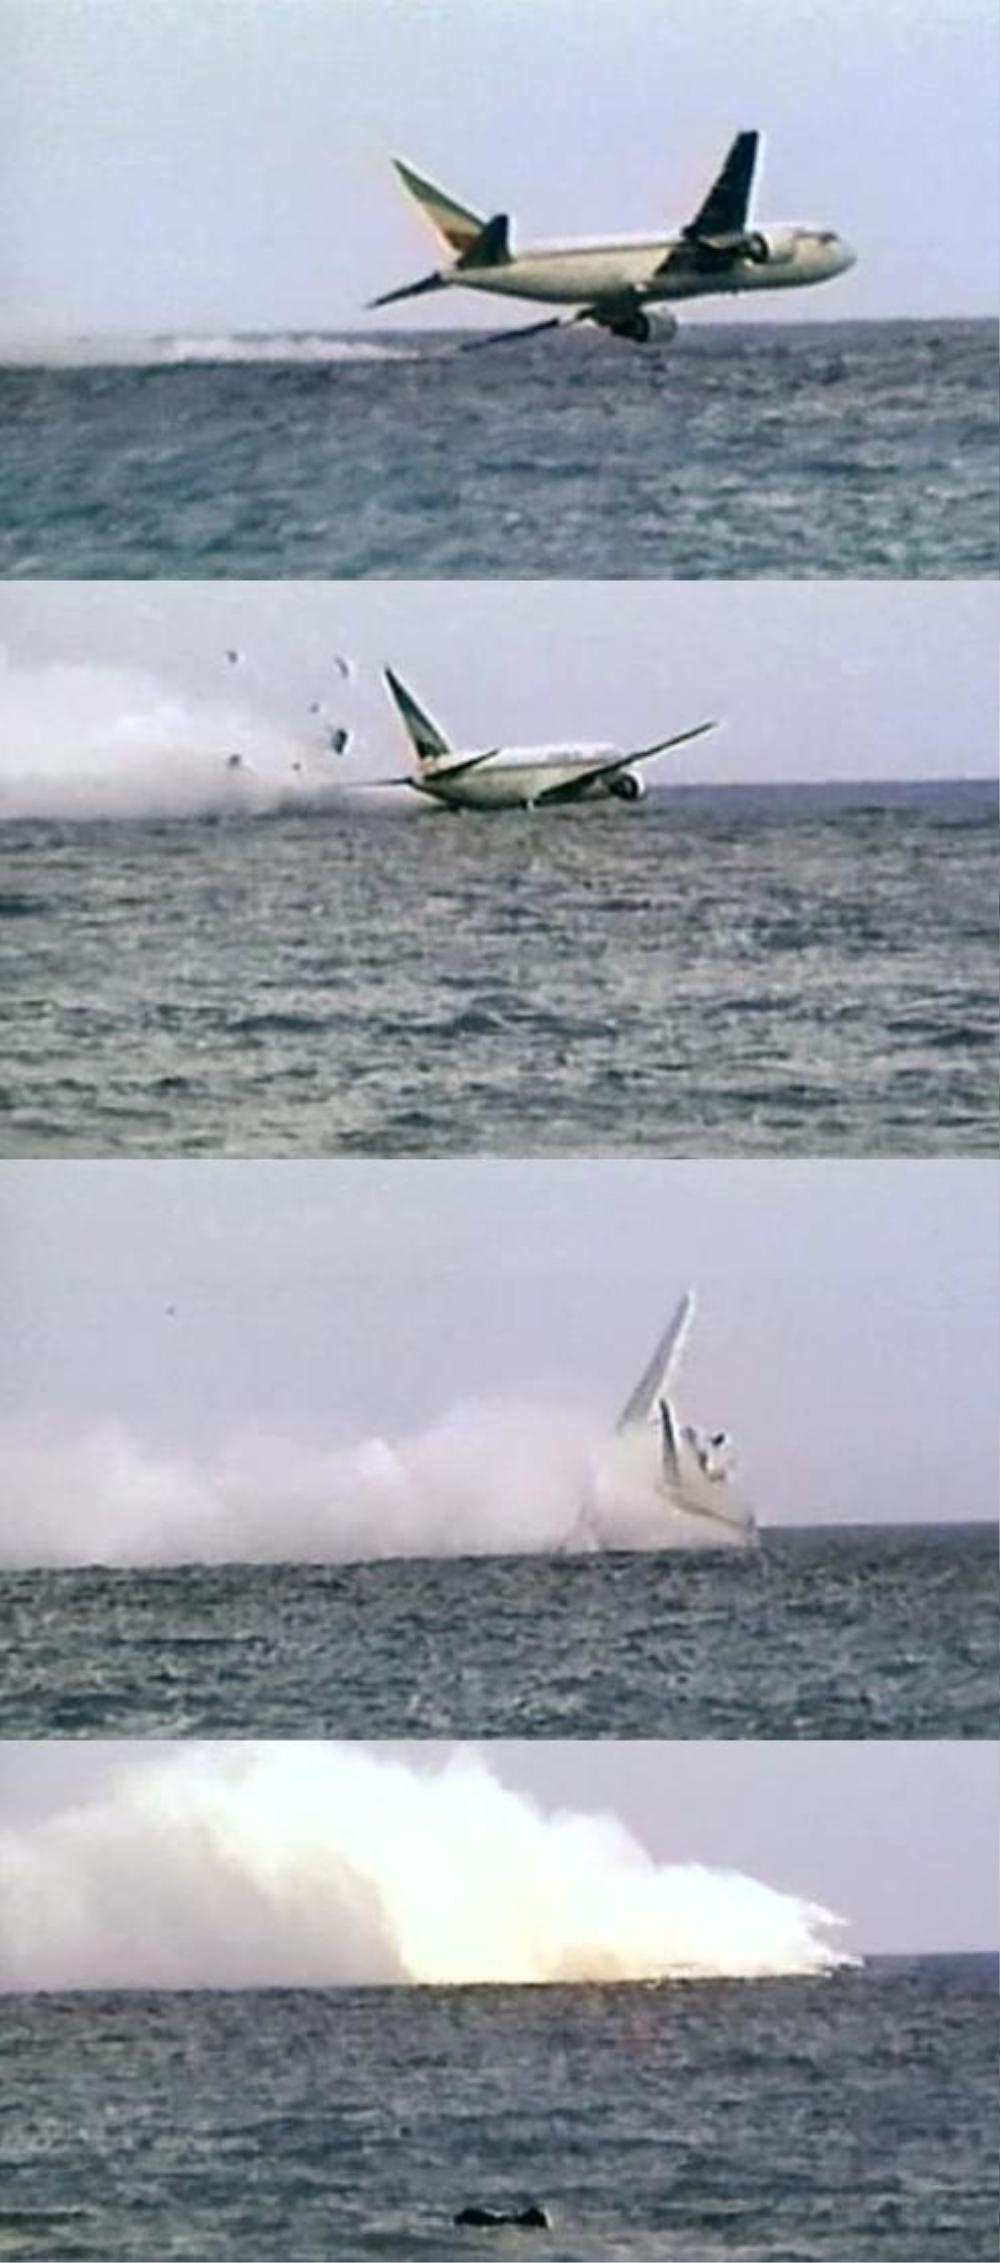 Thực hư đoạn video quay lại cảnh máy bay ở Indonesia lao xuống biển đang được lan truyền trên MXH Ảnh 4